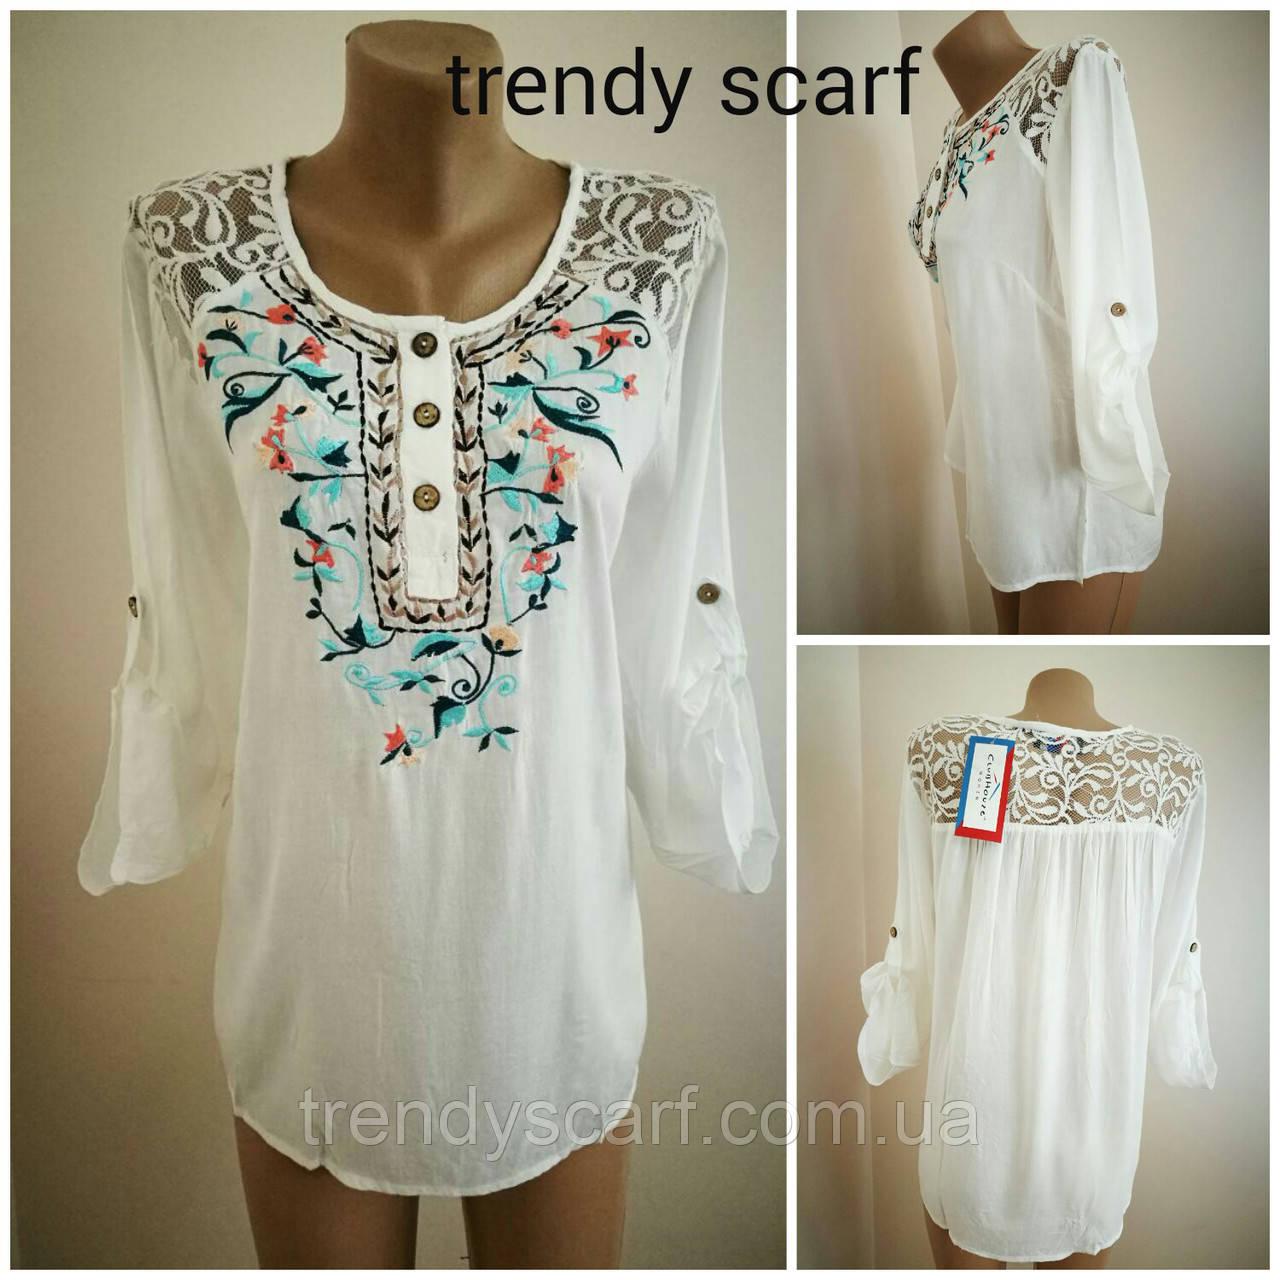 2d5416a2fe8 Женская летняя Блуза блузка рубашка удленненная белая с вышивкой и гипюром.  Индия. Хлопок